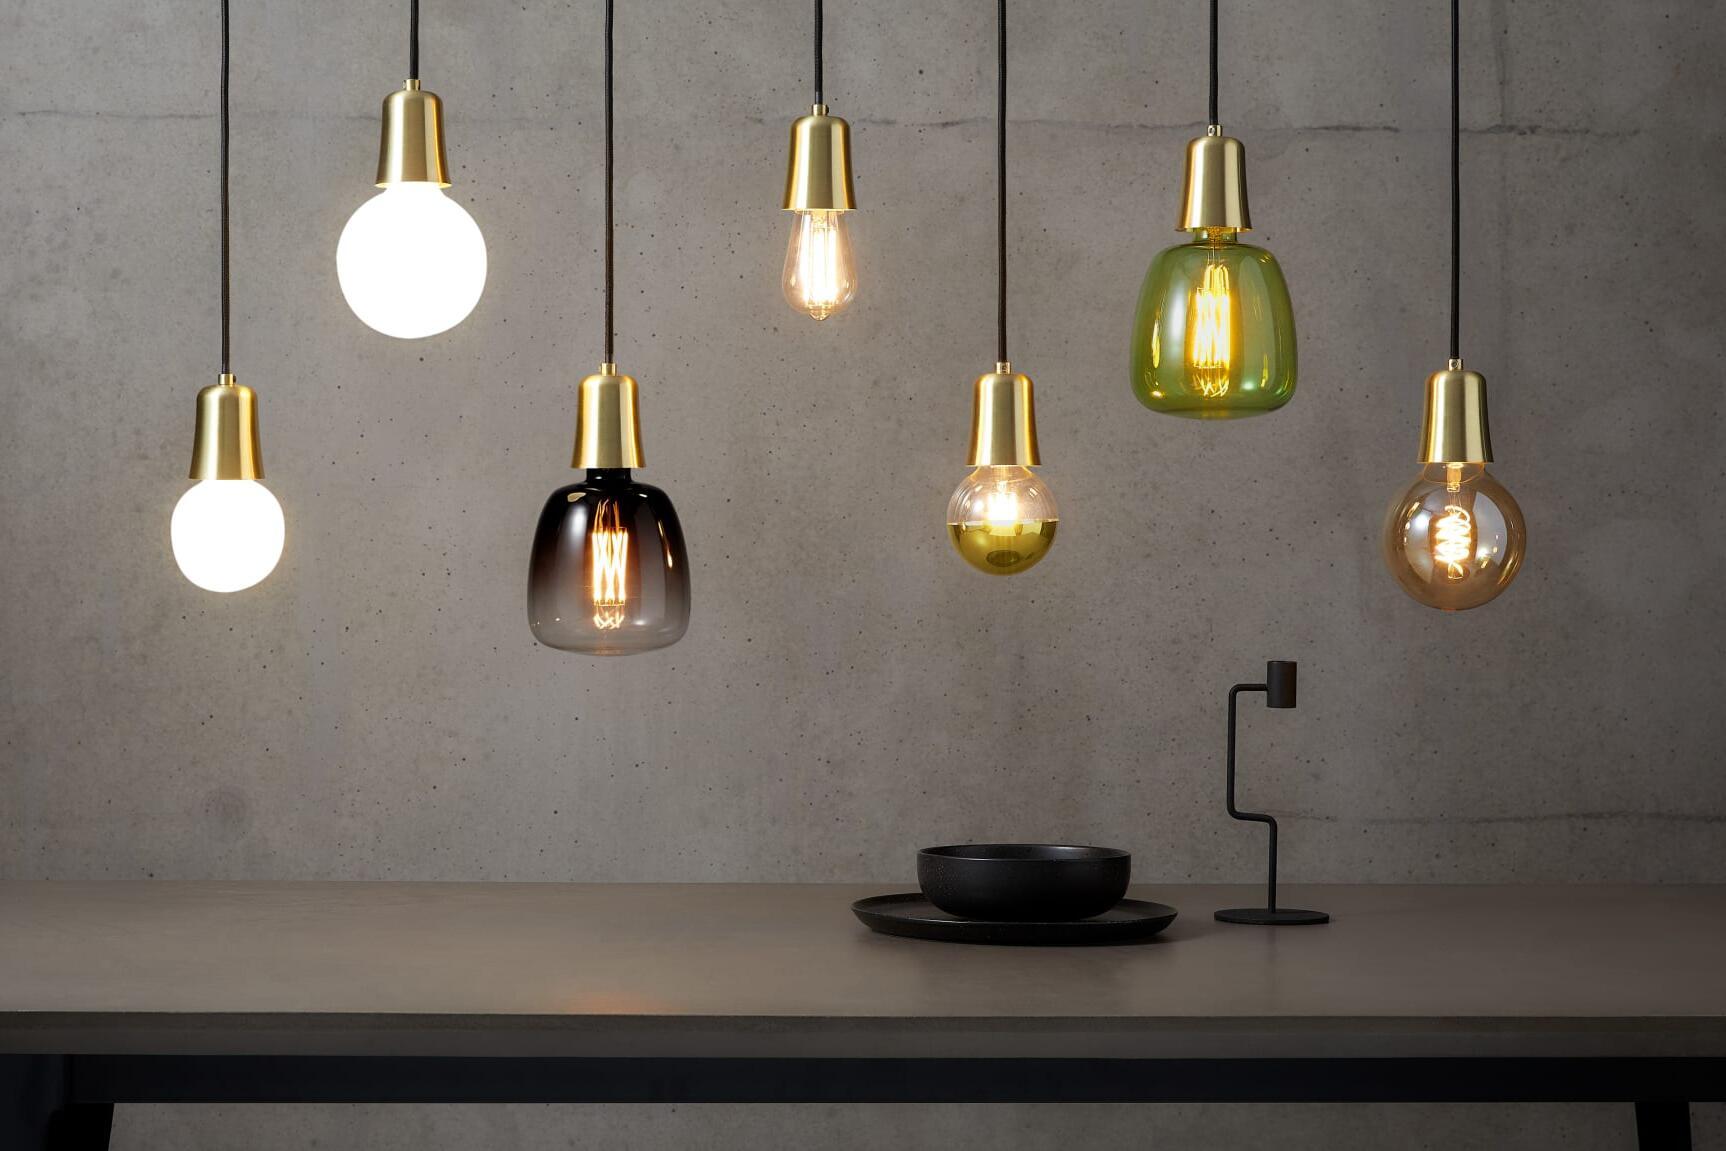 Comment savoir si une ampoule est compatible avec un variateur ?